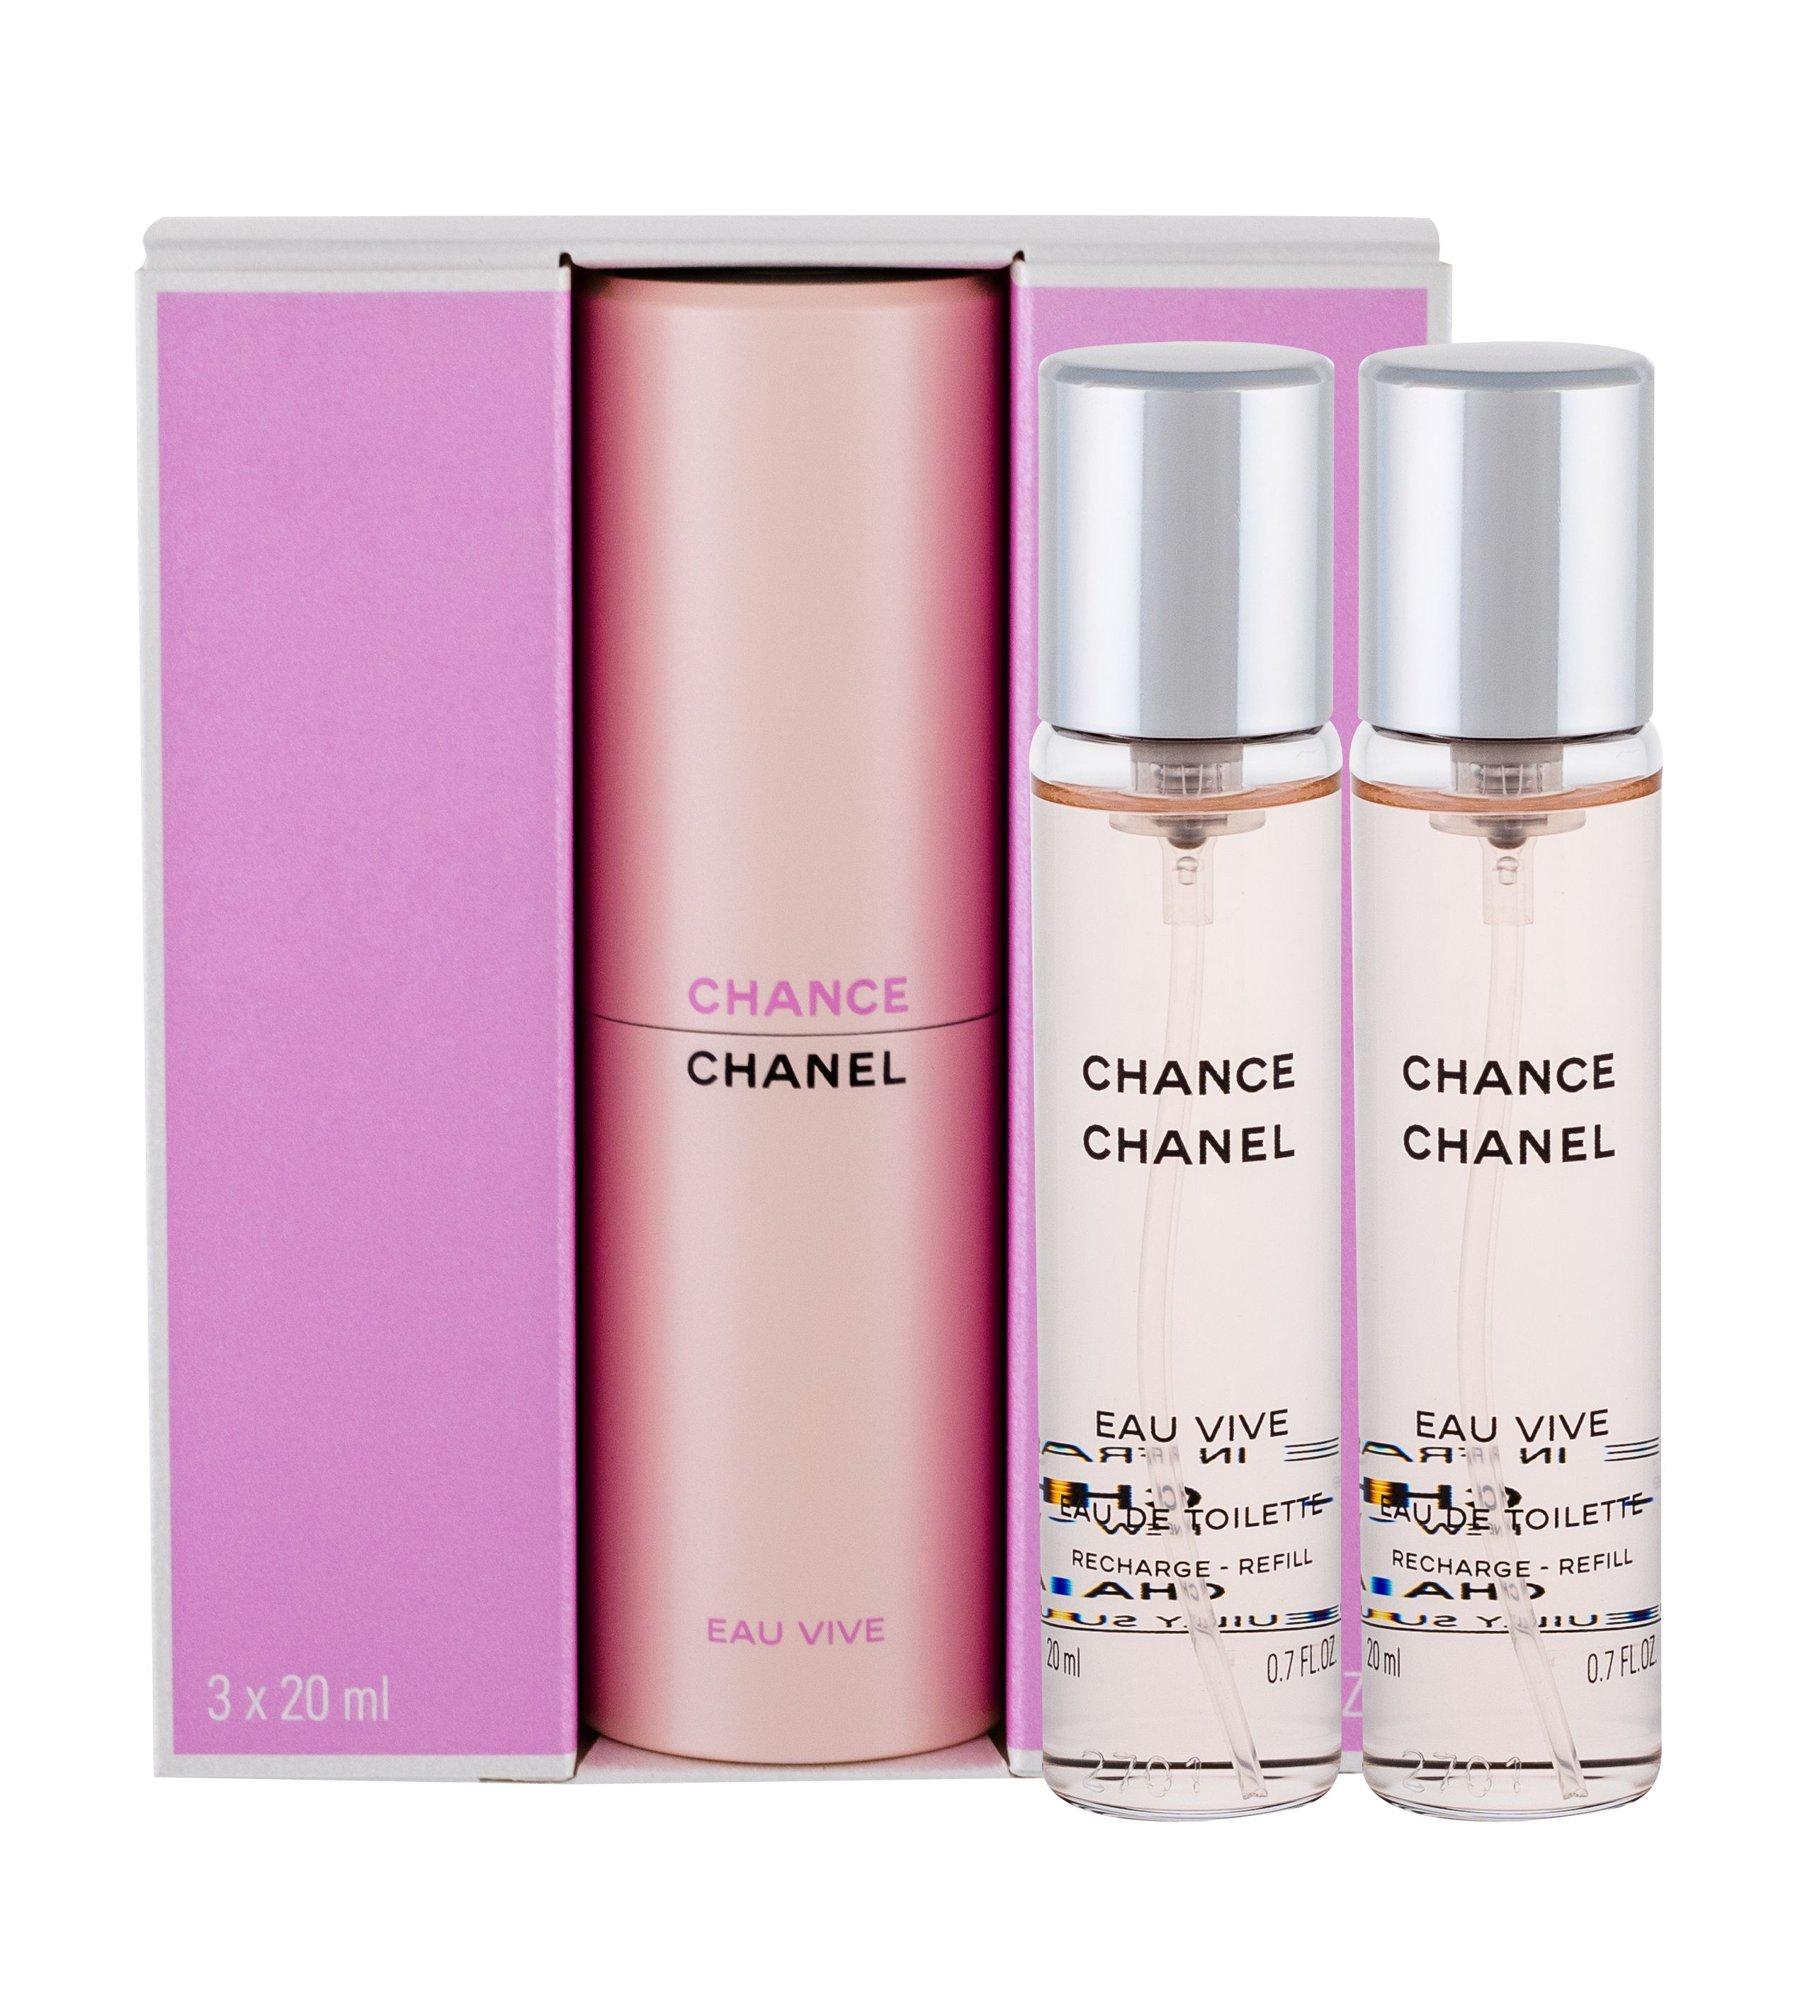 Chanel Chance Eau de Toilette 3x20ml